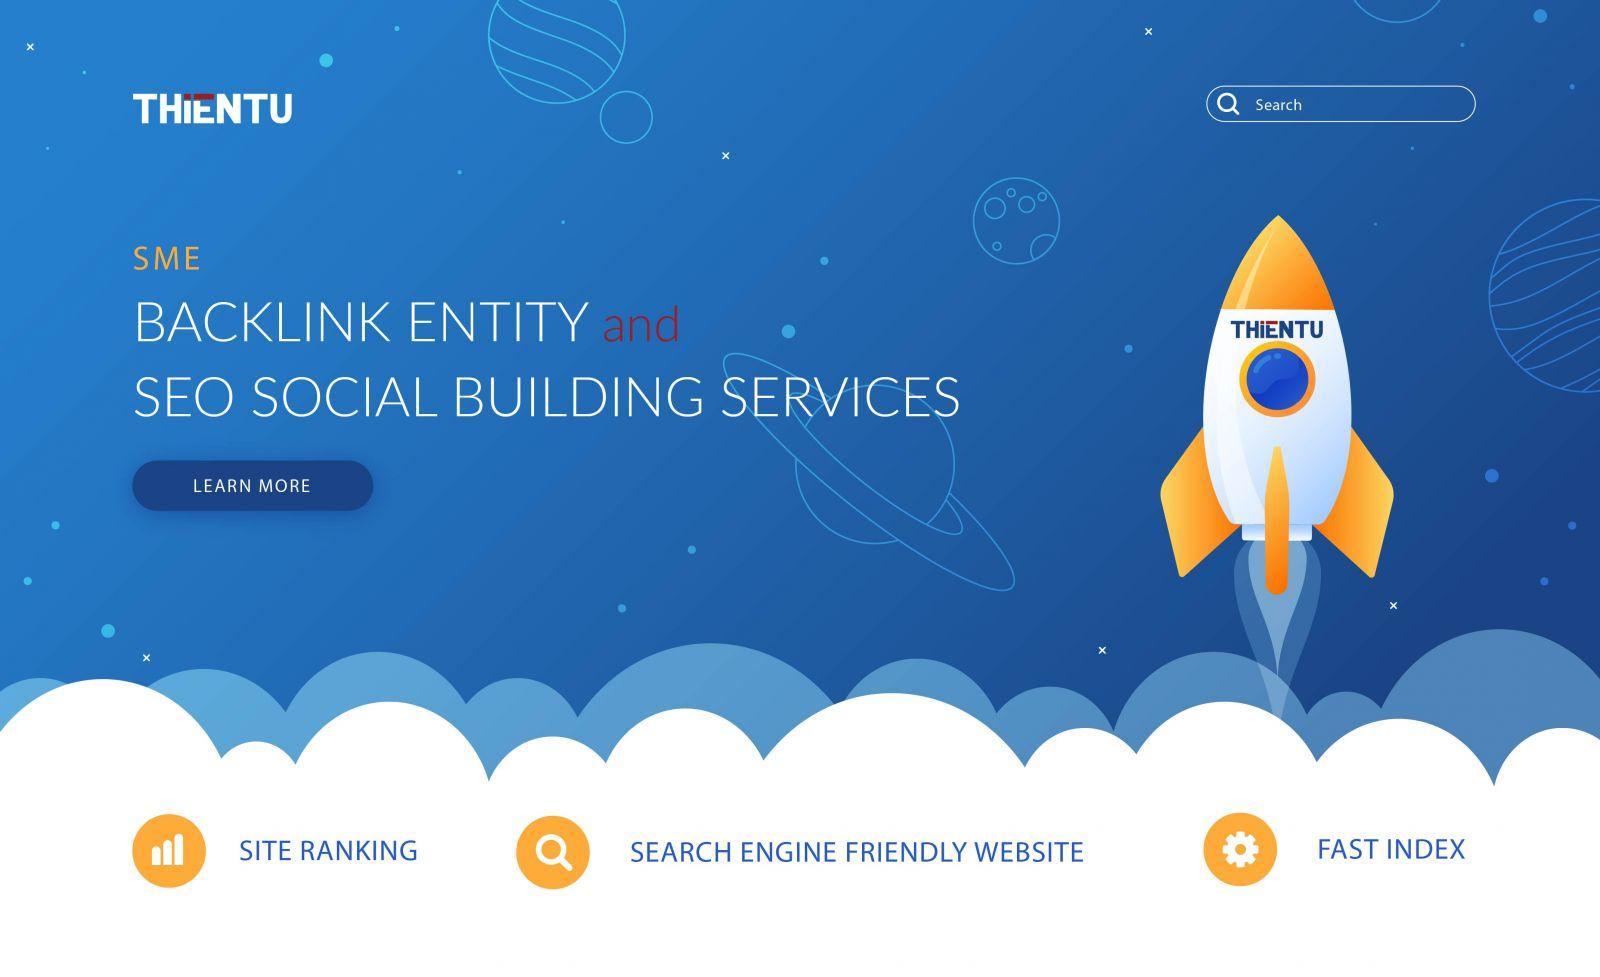 Dịch vụ SEO entity và backlink social